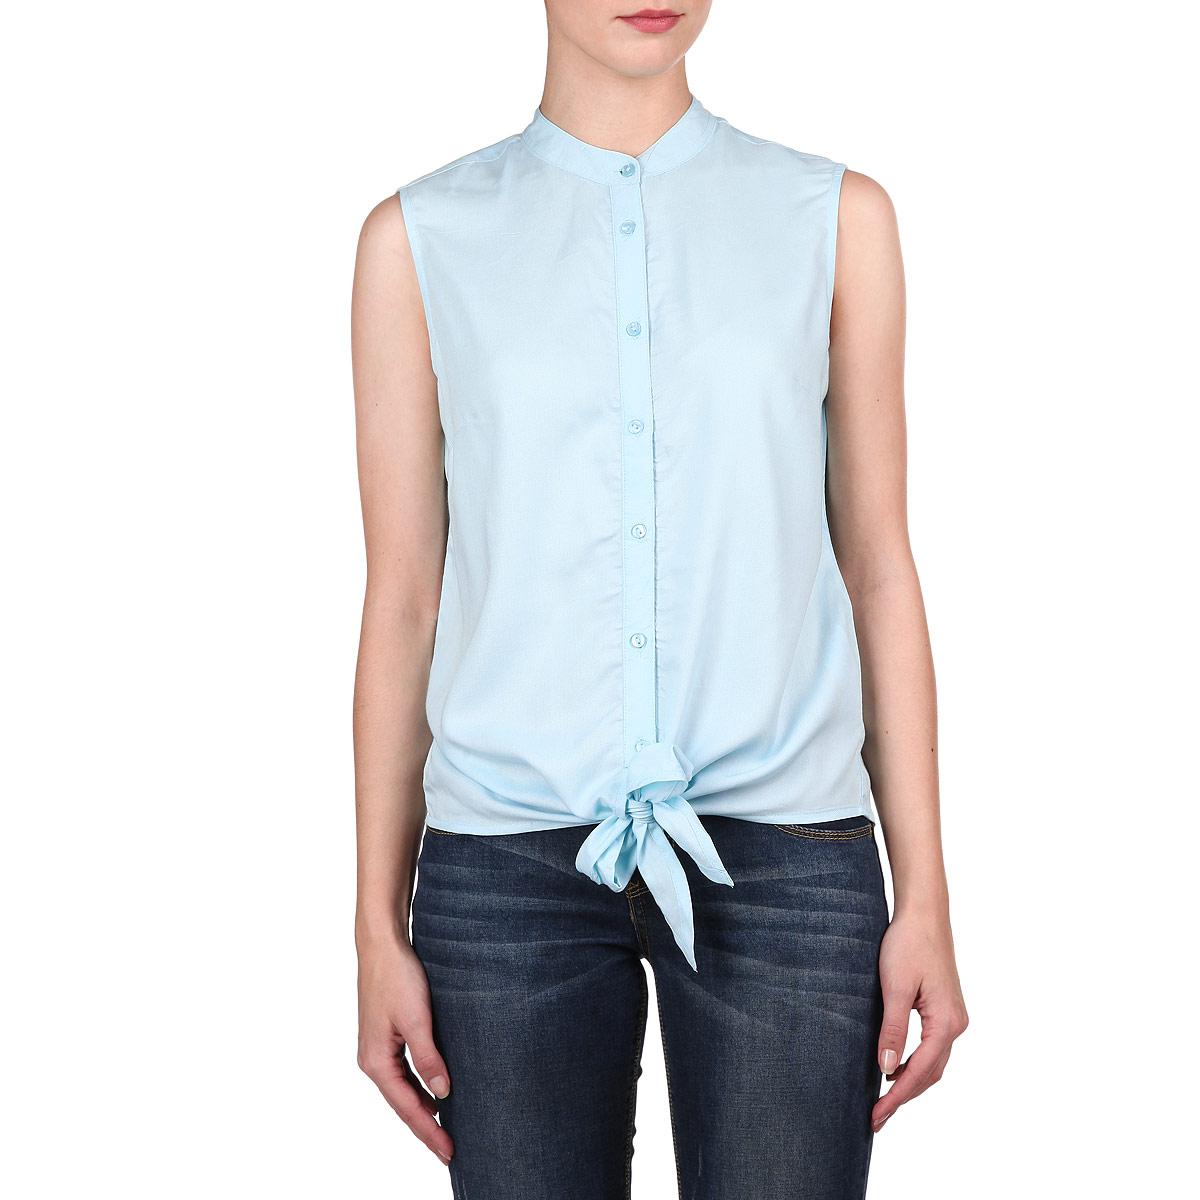 БлузкаSBW0179TUЭлегантная блузка без рукавов от Top Secret внесет изысканные нотки в ваш модный образ. Модель выполнена из стопроцентной вискозы. Блузка застегивается при помощи перламутровых пуговиц. Круглый вырез горловины подчеркивает шею. Низ модели дополнен двумя завязками. Лаконичная прострочка завершает композицию. Стильная блузка - основа гардероба настоящей леди. Она подчеркнет ваше отменное чувство стиля и безупречный вкус!